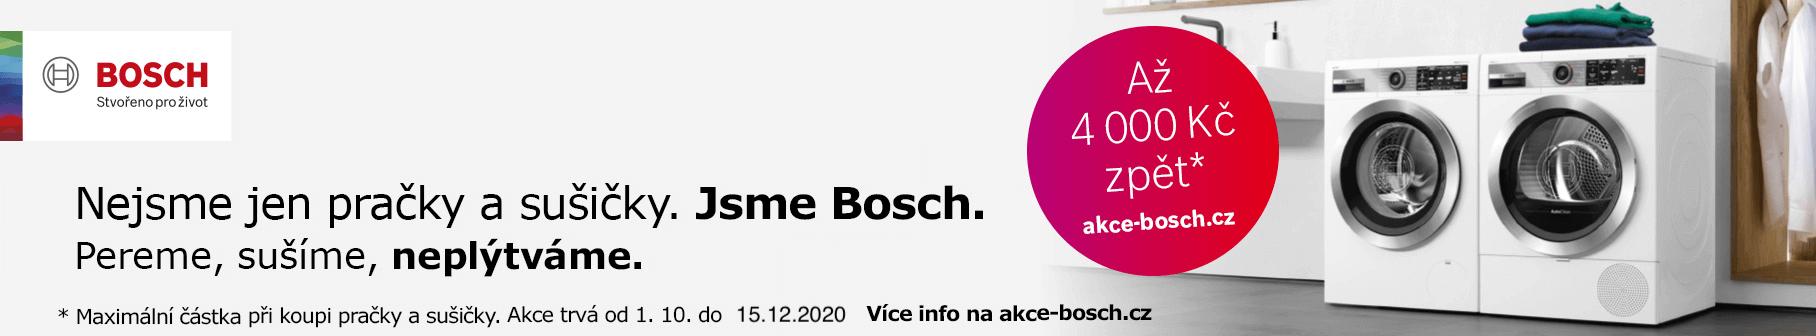 Nejsme jen pračky a sušičky. Jsme Bosch.